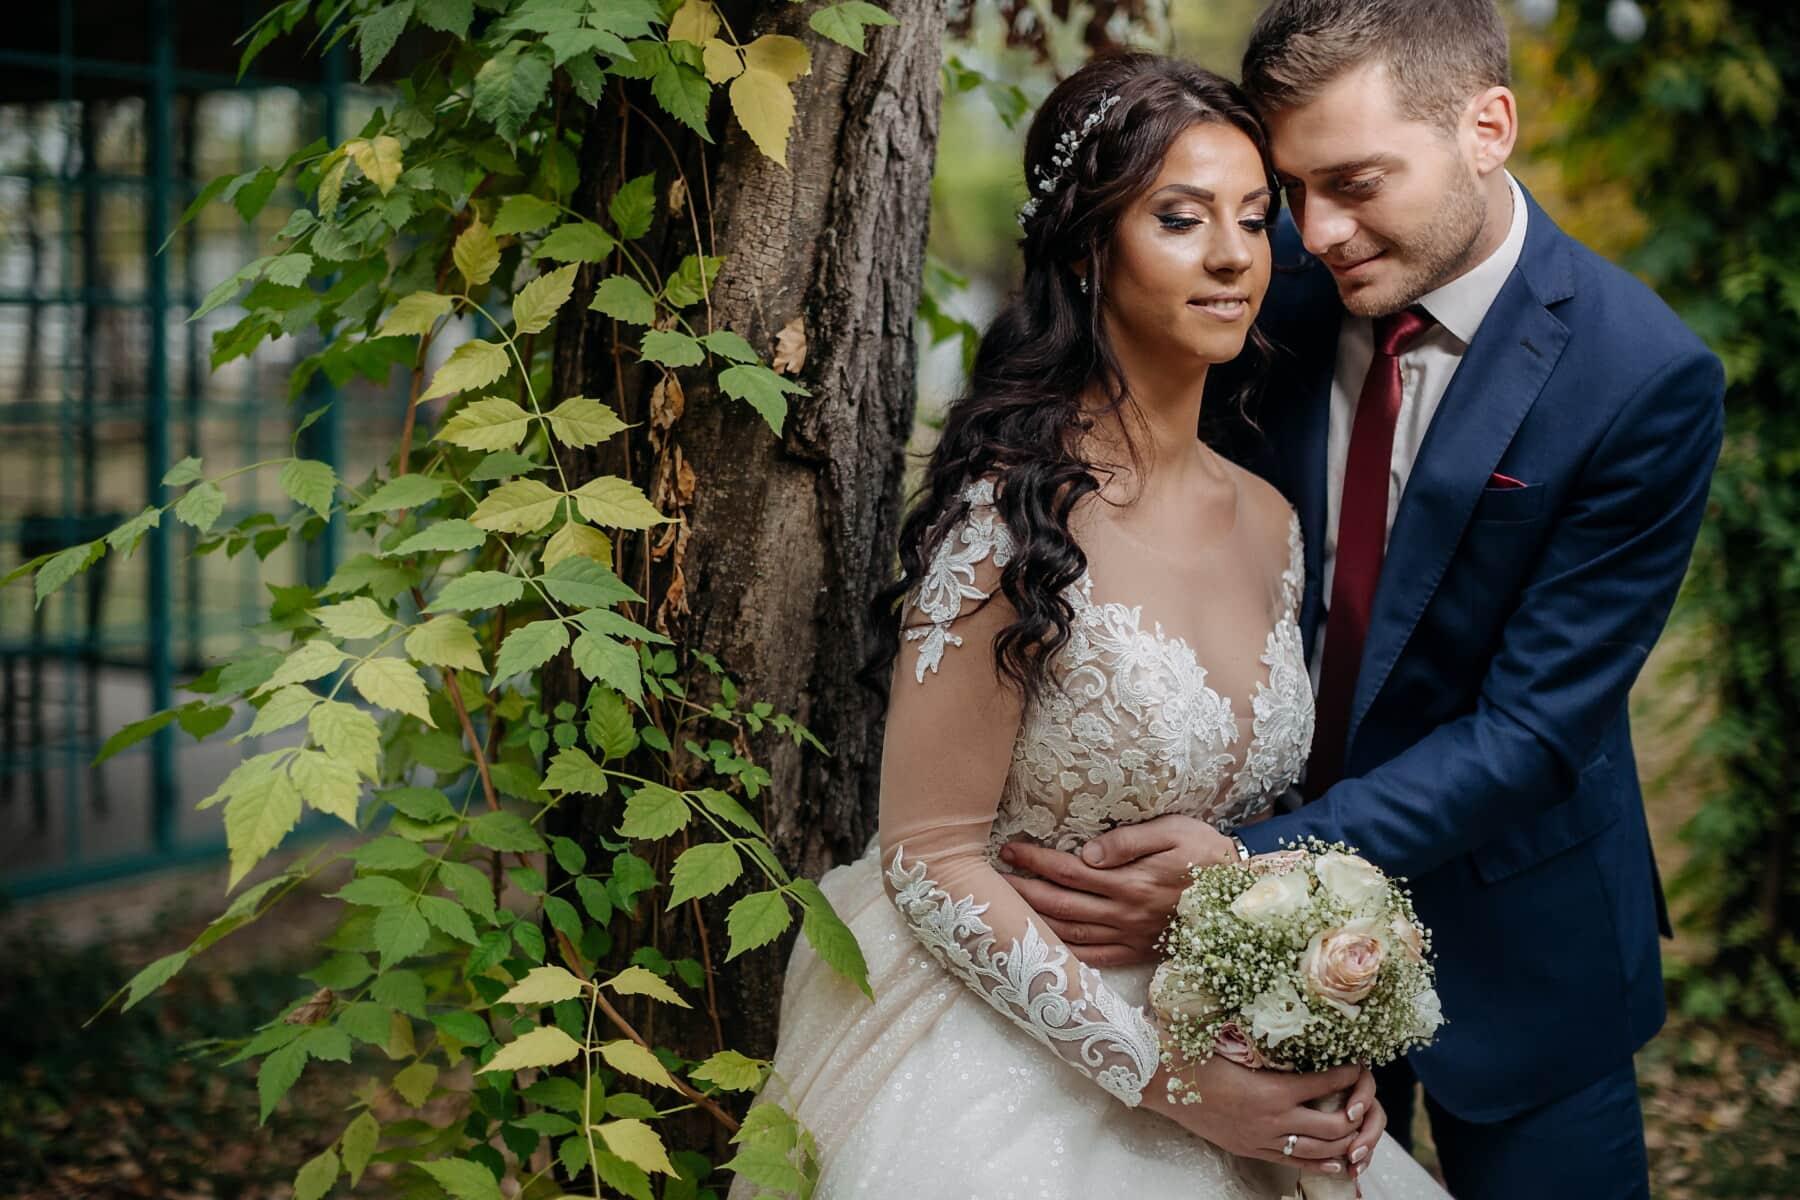 新娘, 爱, 马夫, 婚姻, 情人节, 束, 夫妇, 婚礼, 订婚, 穿衣服